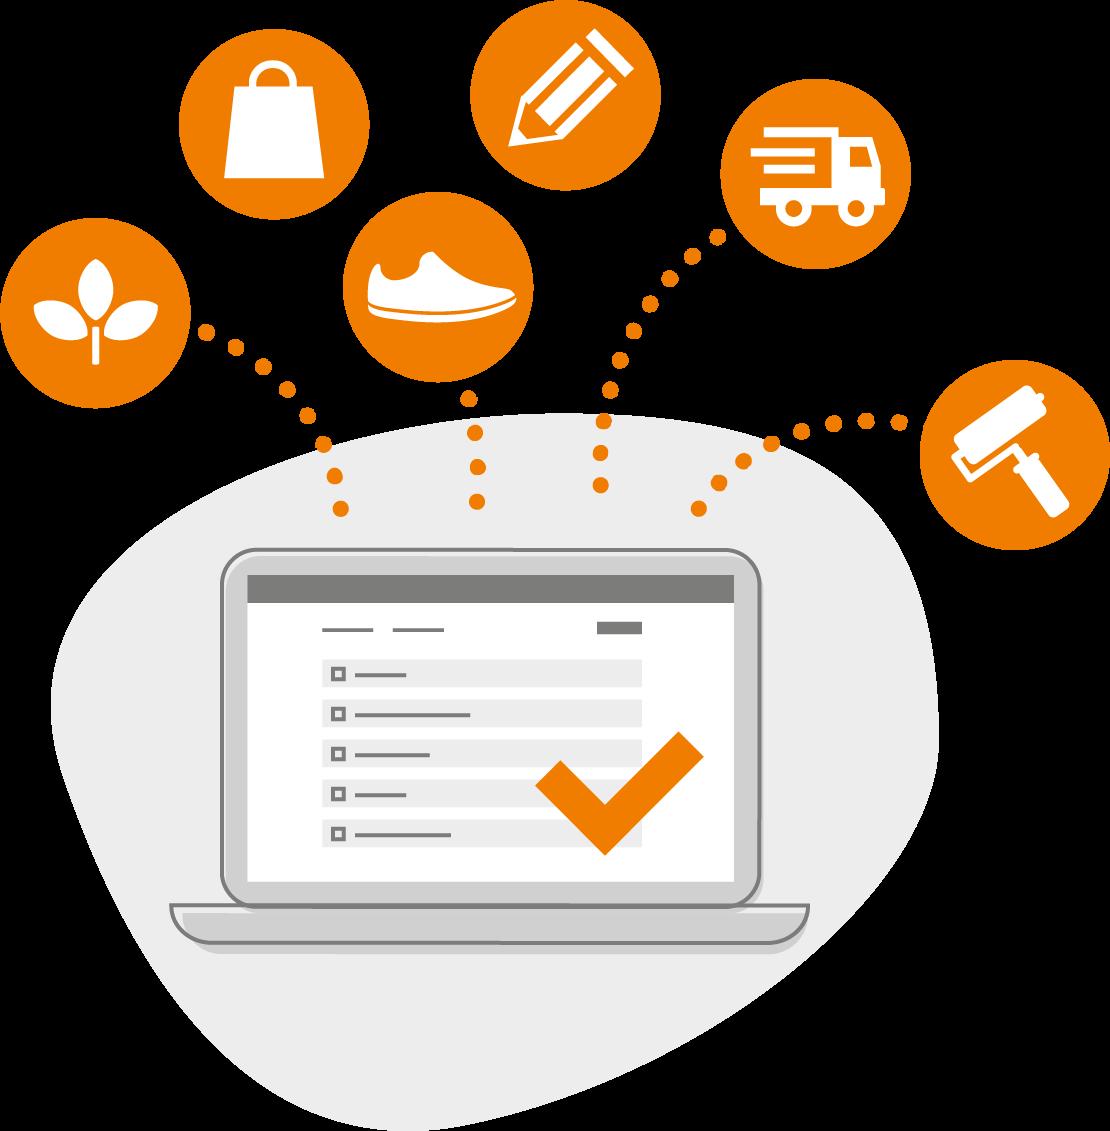 Mit lexoffice Produkte, Services und Leistungen verwalten